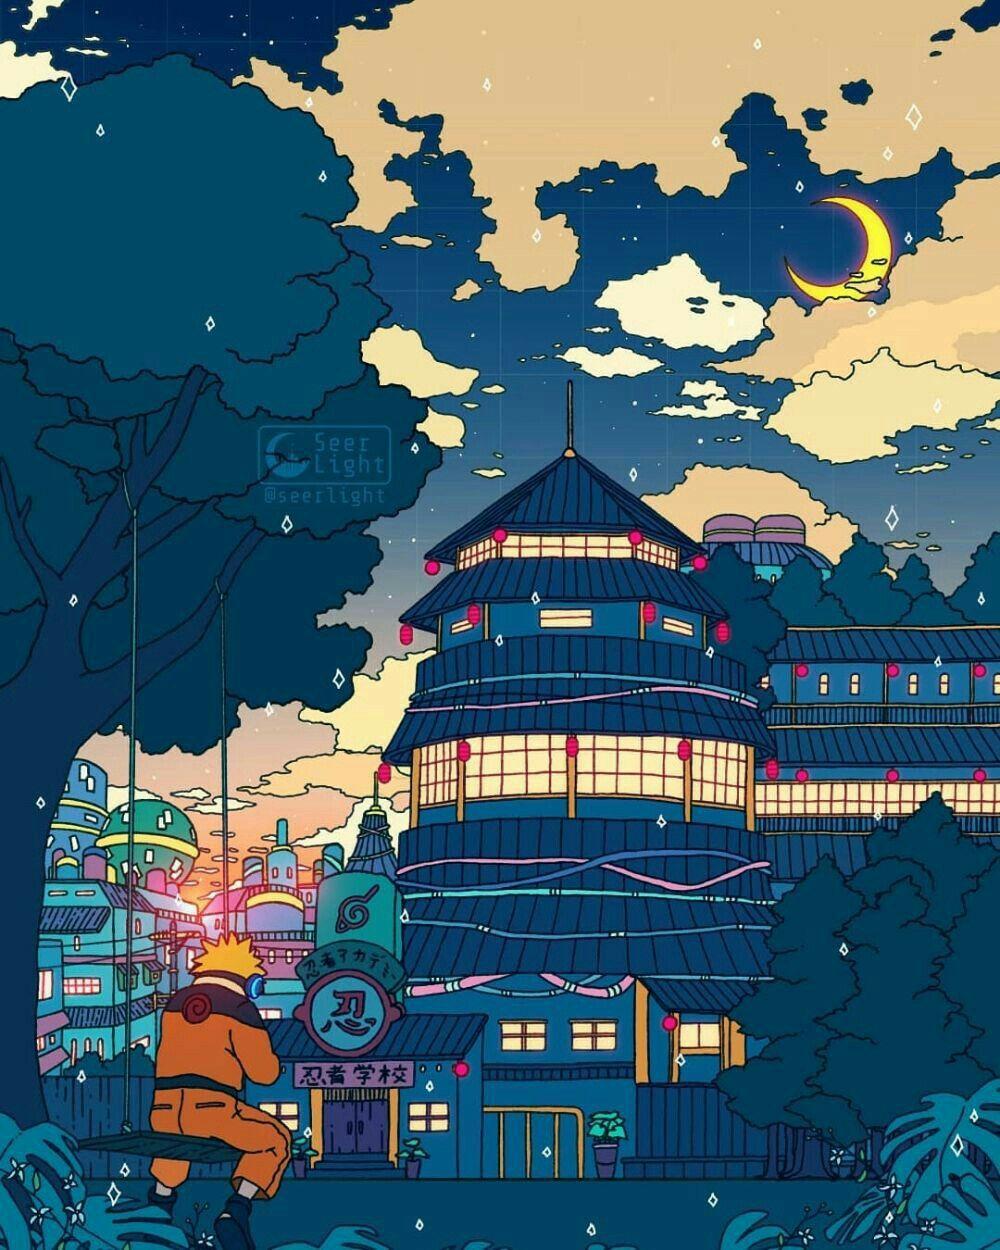 Naruto Naruto Wallpaper Iphone Wallpaper Naruto Shippuden Anime Wallpaper Iphone